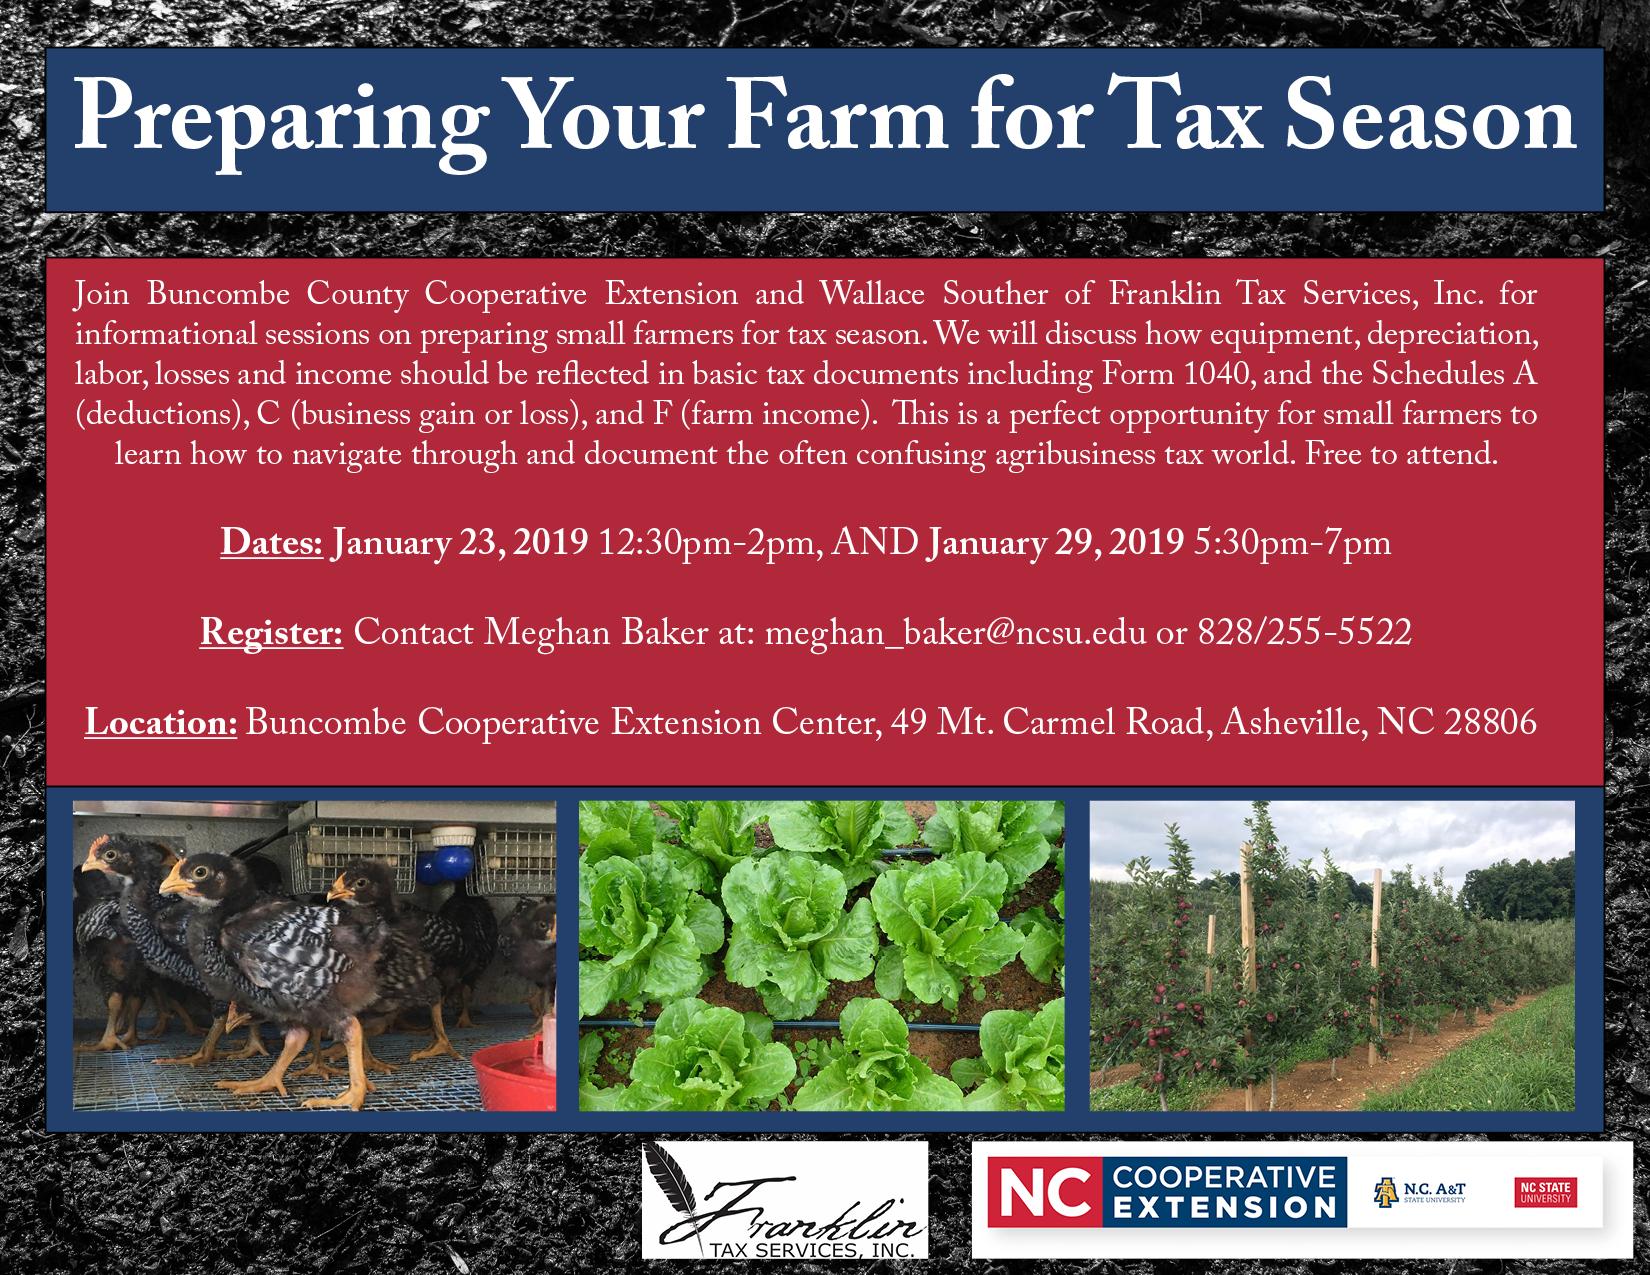 Tax workshop flyer image